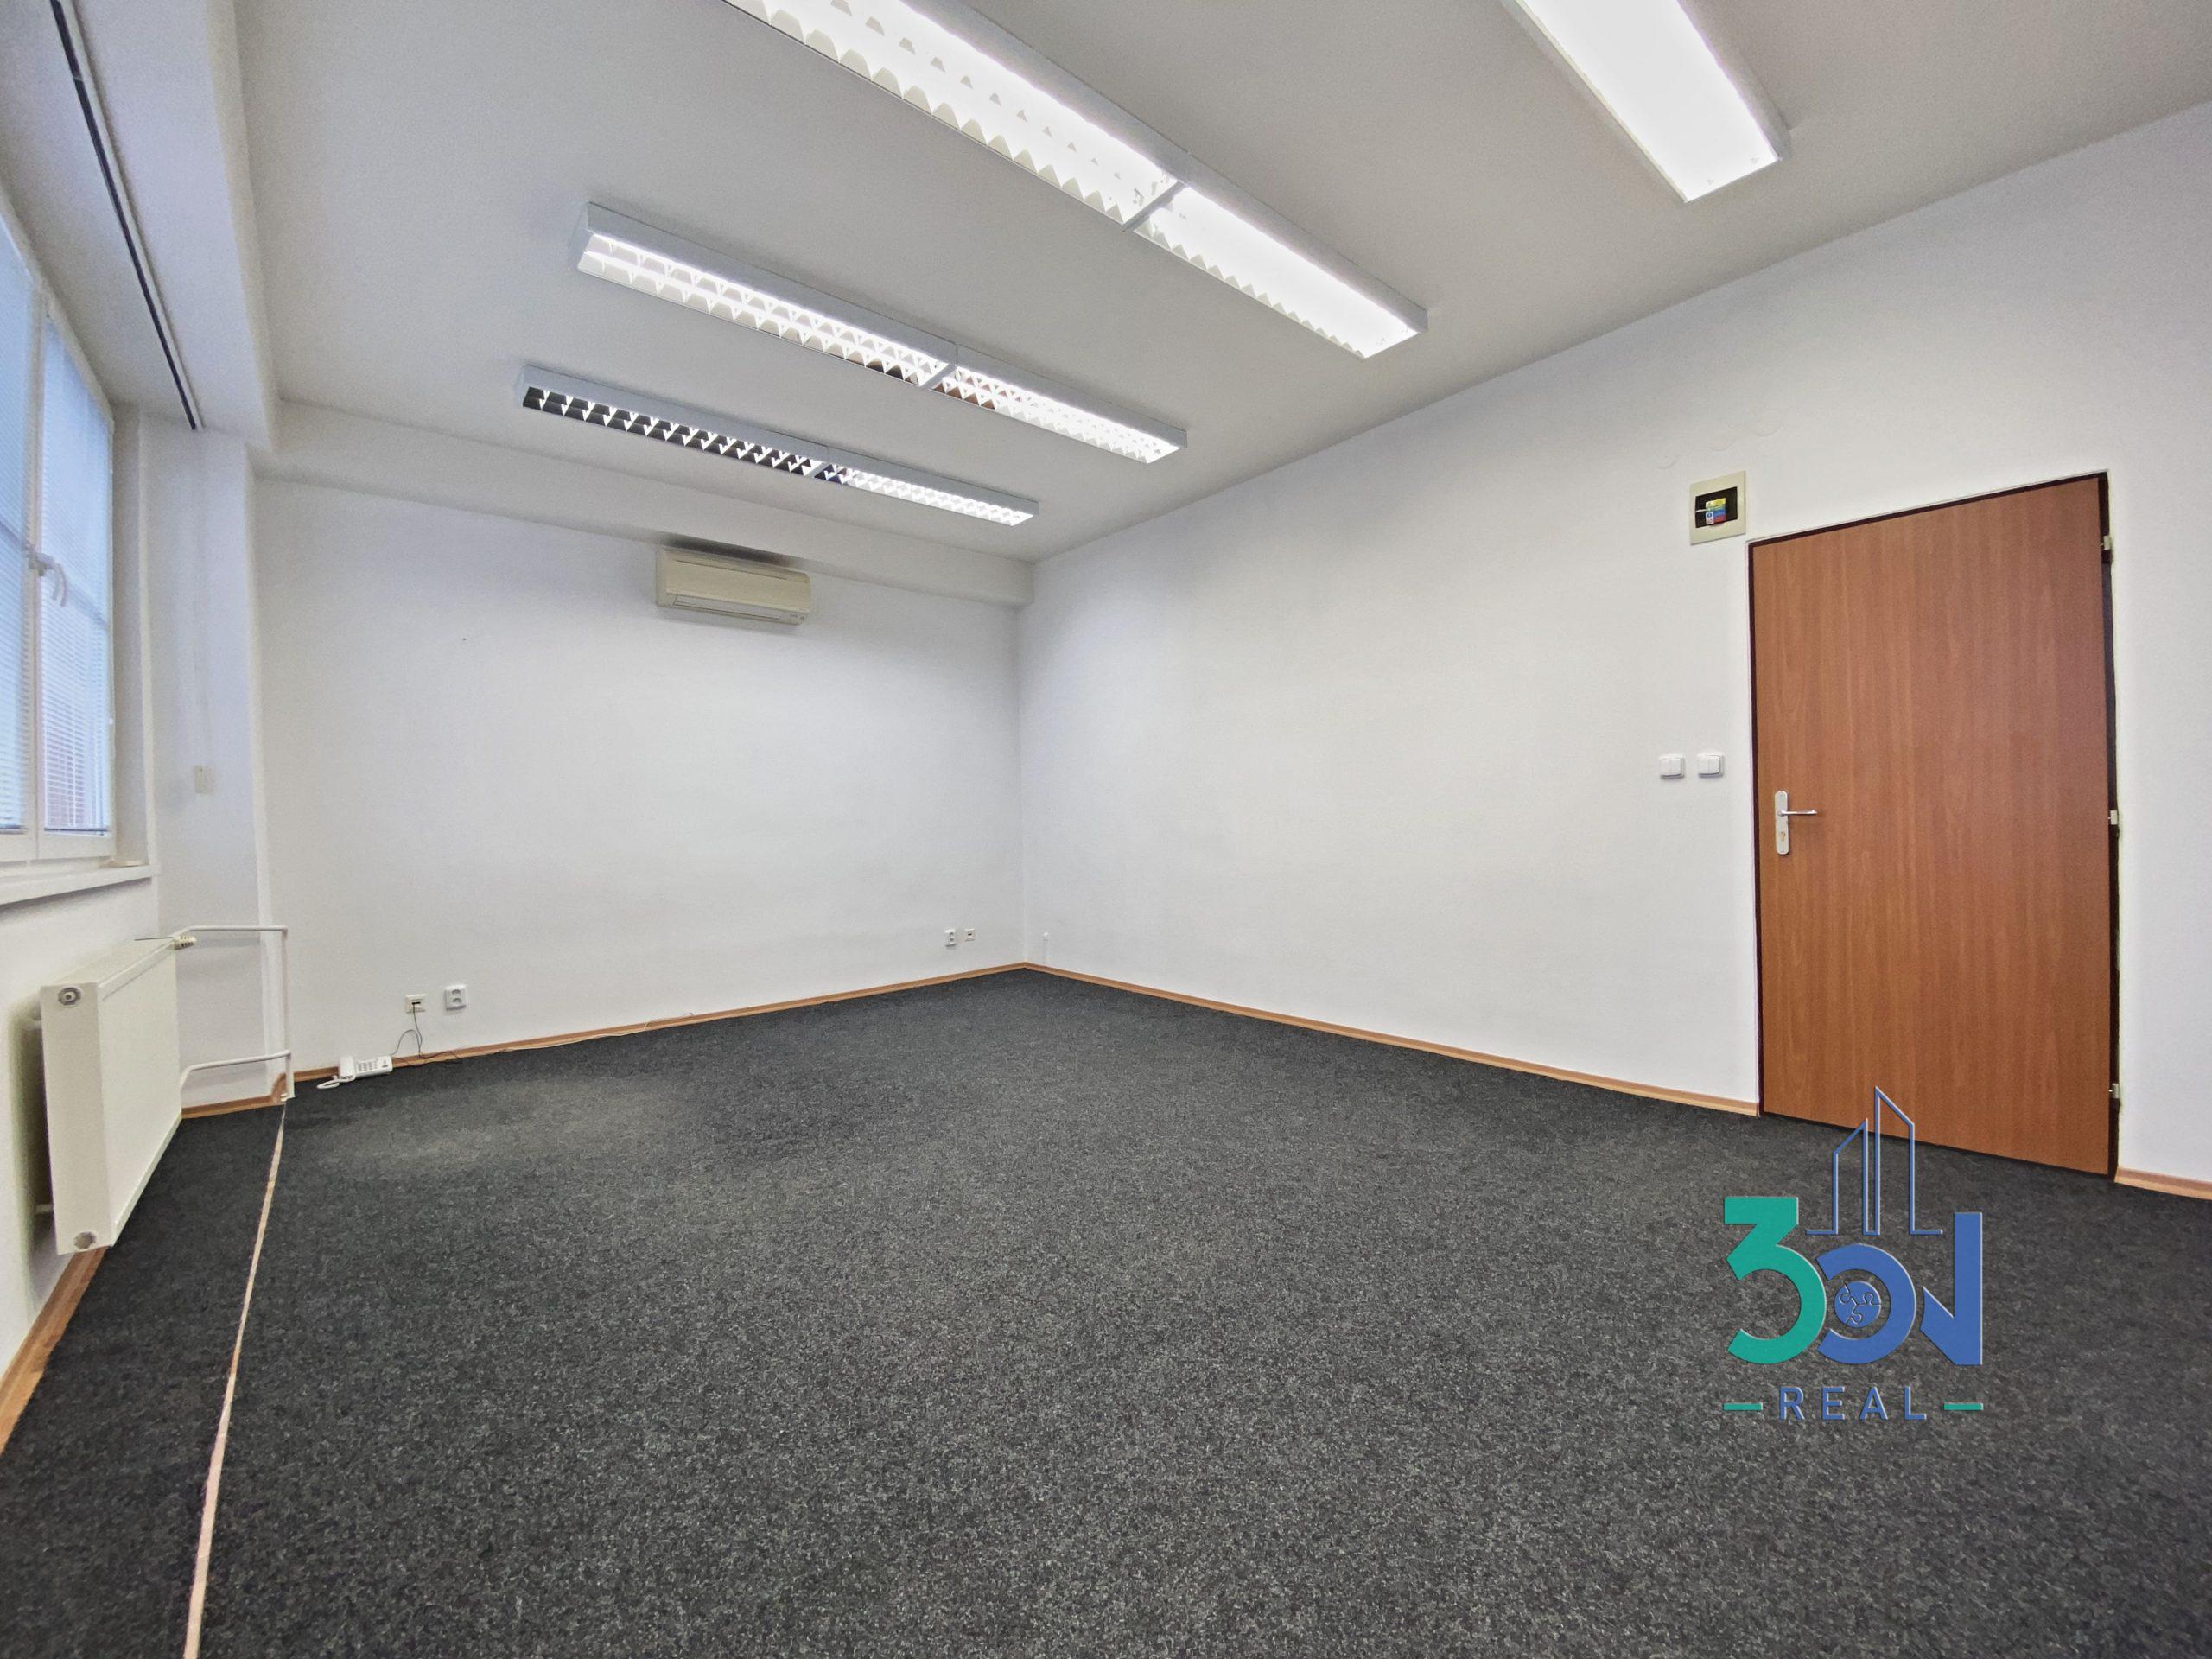 Kancelárske priestory na prenájom – Budovateľská